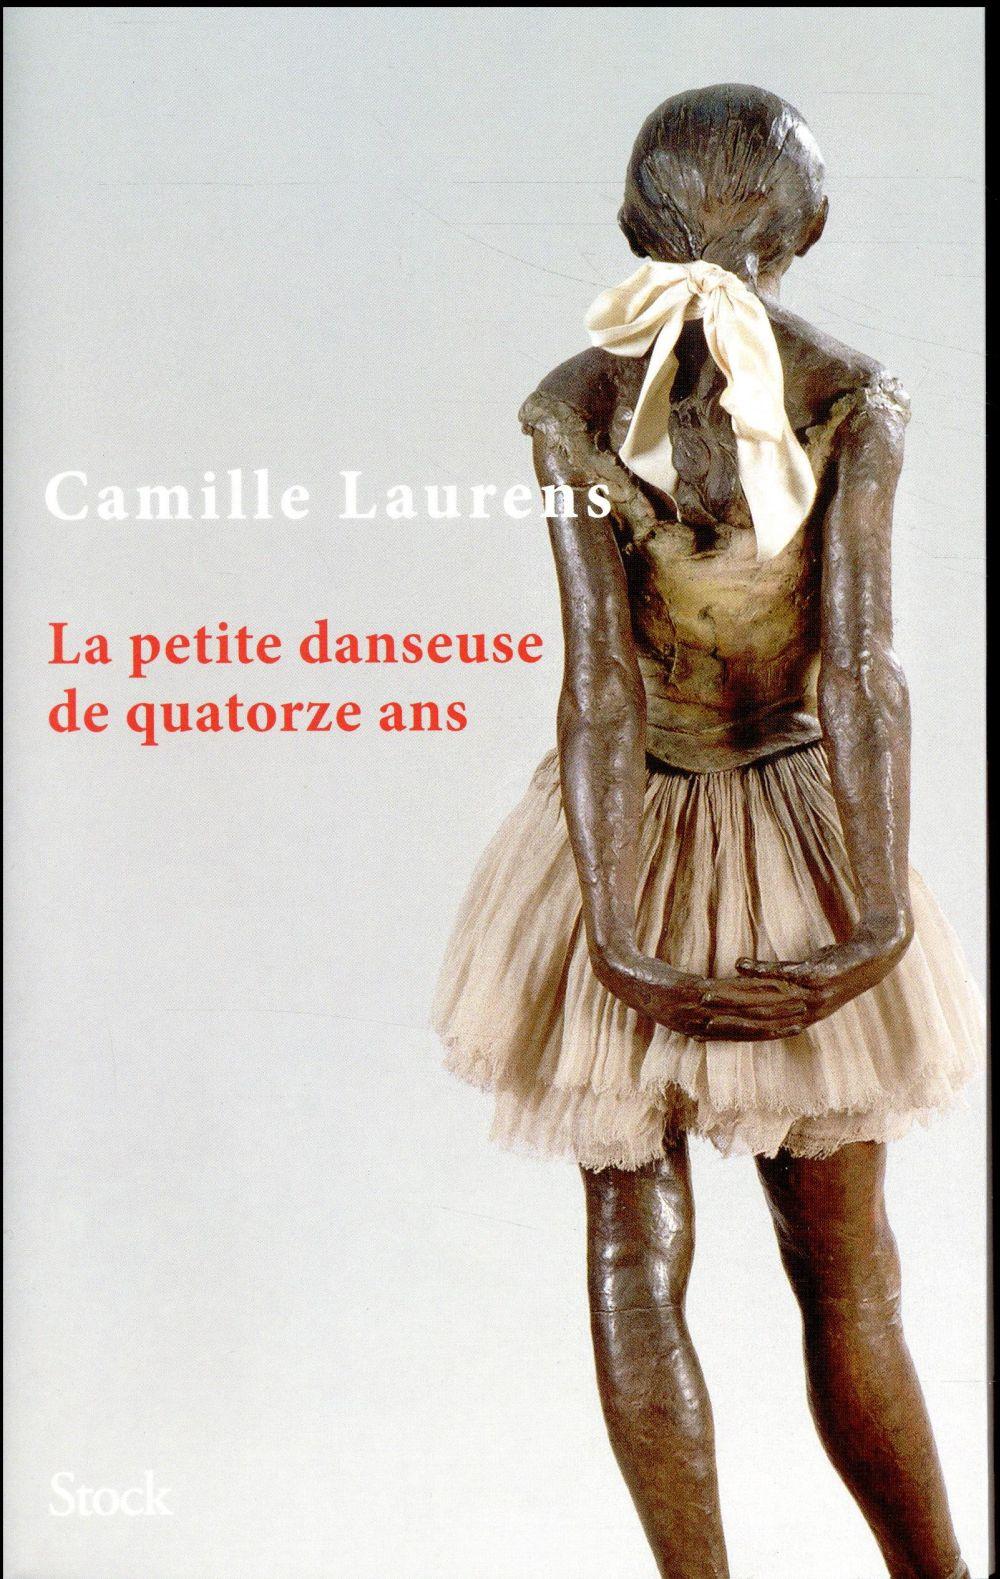 La petite danseuse de quatorze ans